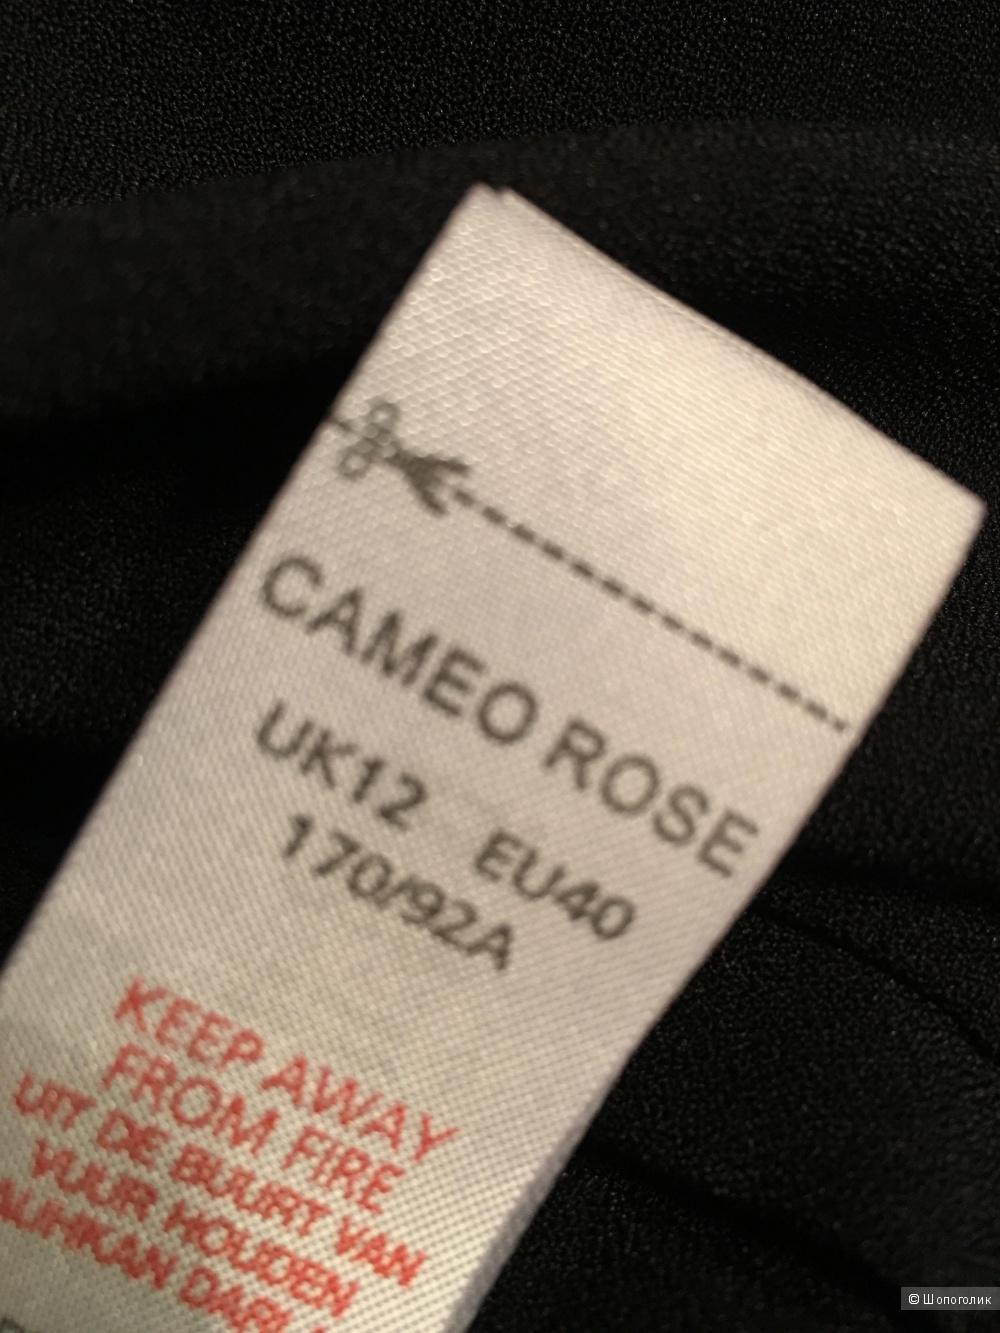 Комбинезон Саmeo Rose. Размер М.